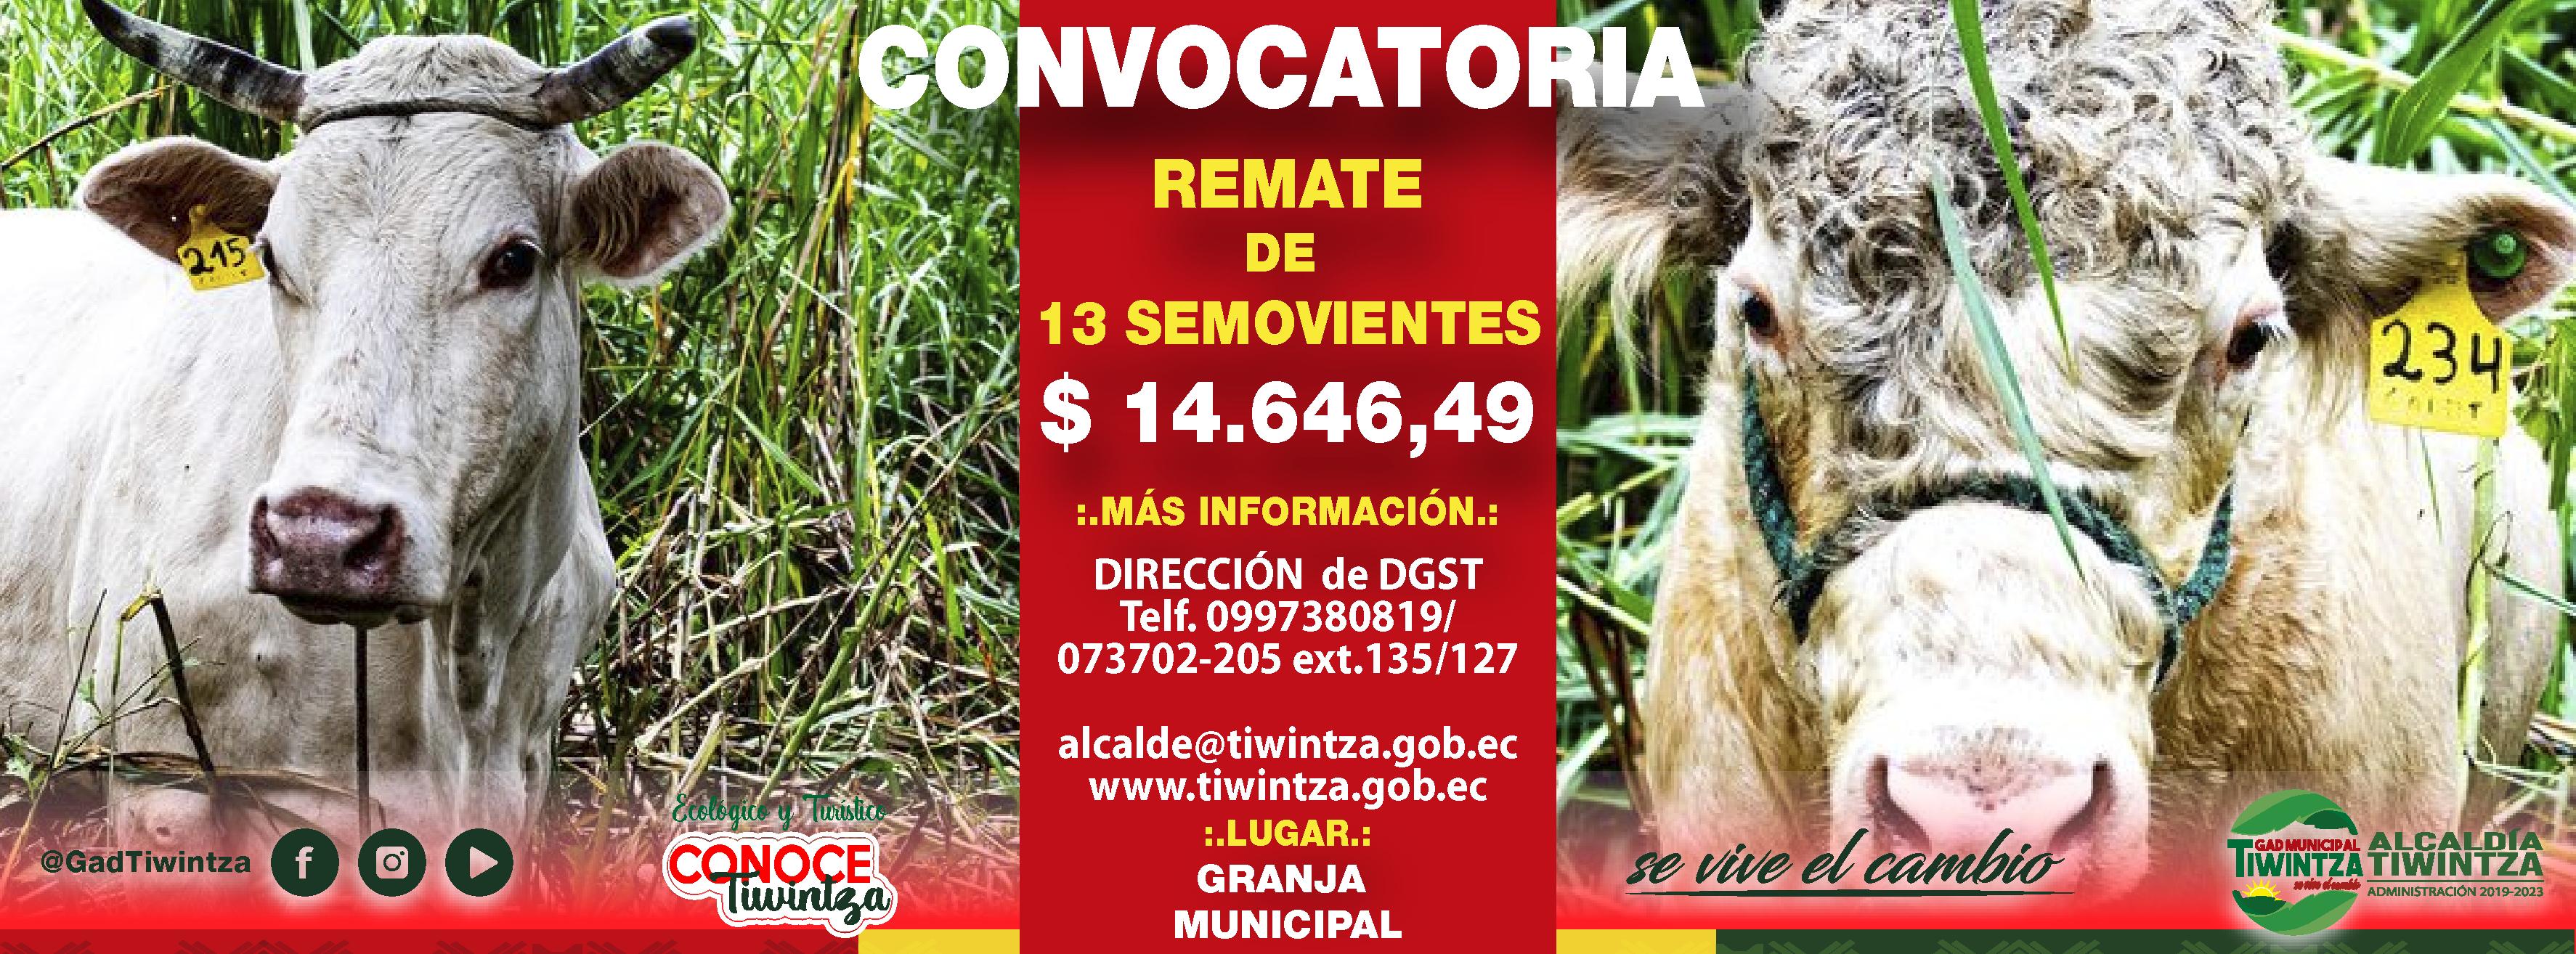 CONVOCATORIA PARA EL REMATE DE SEMOVIENTES